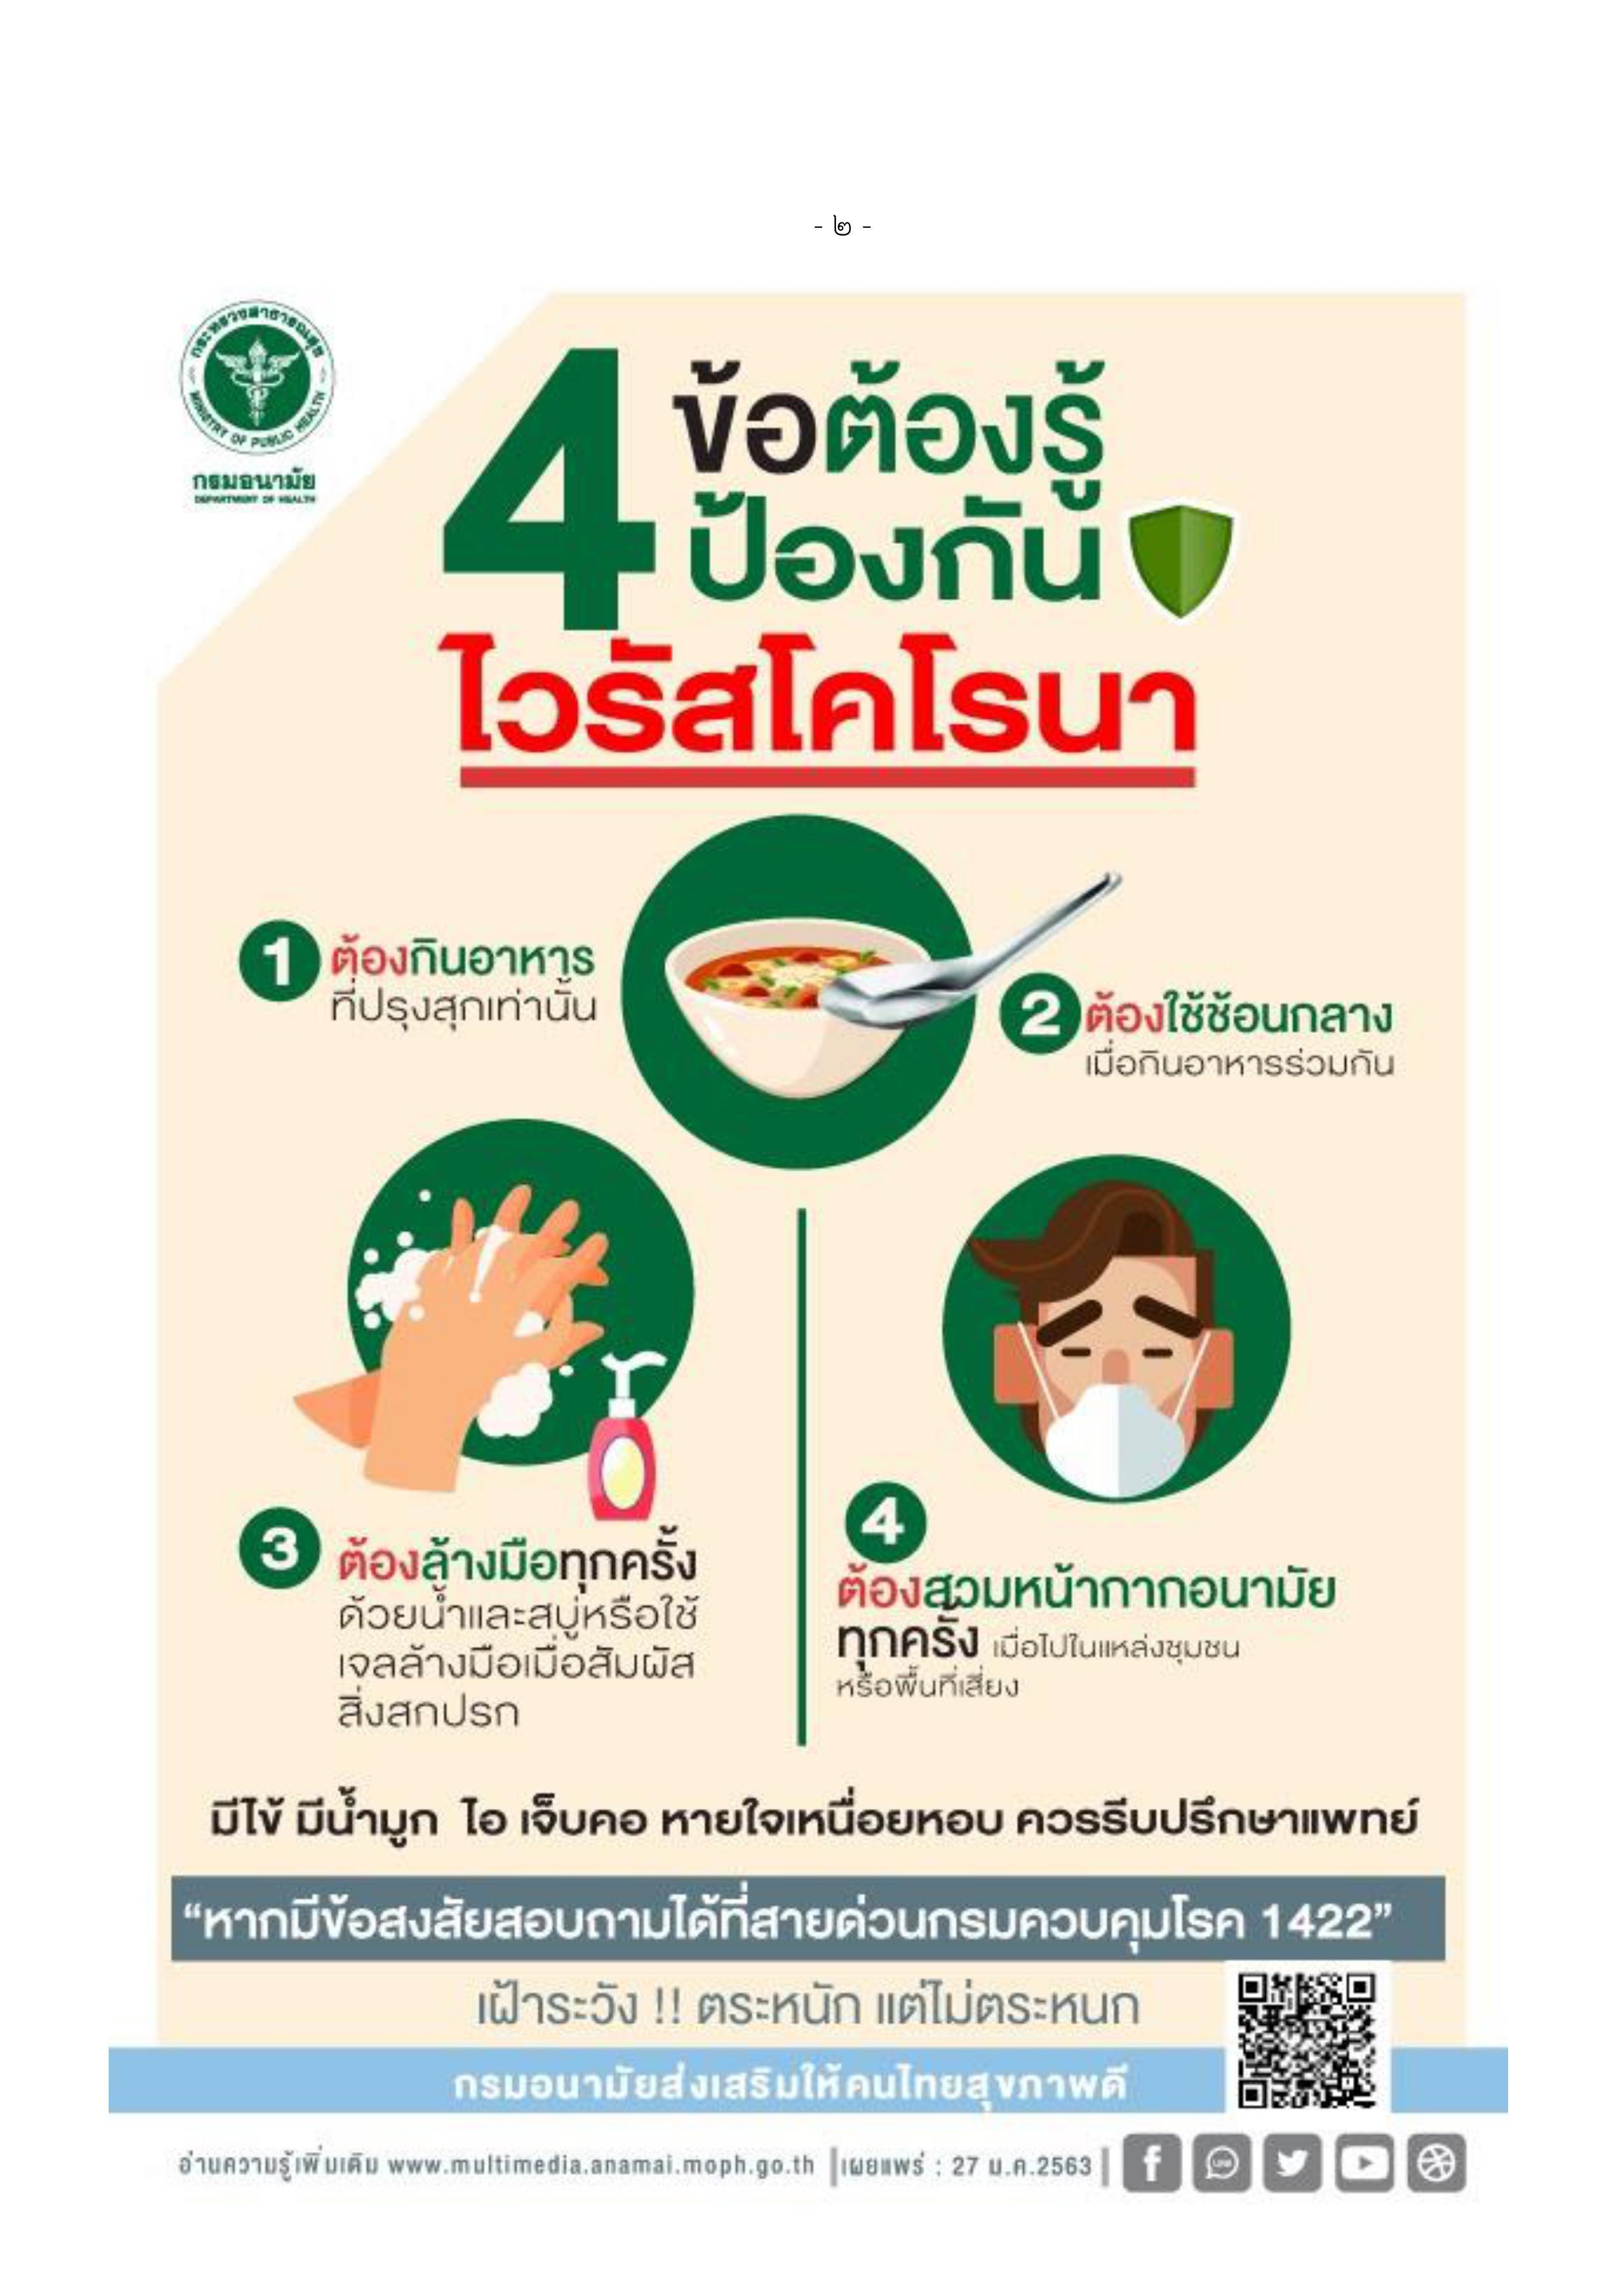 กระทรวงสาธารณสุข - 4  ข้อต้องรู้ป้องกันไวรัสโคโรน่า COVID-19